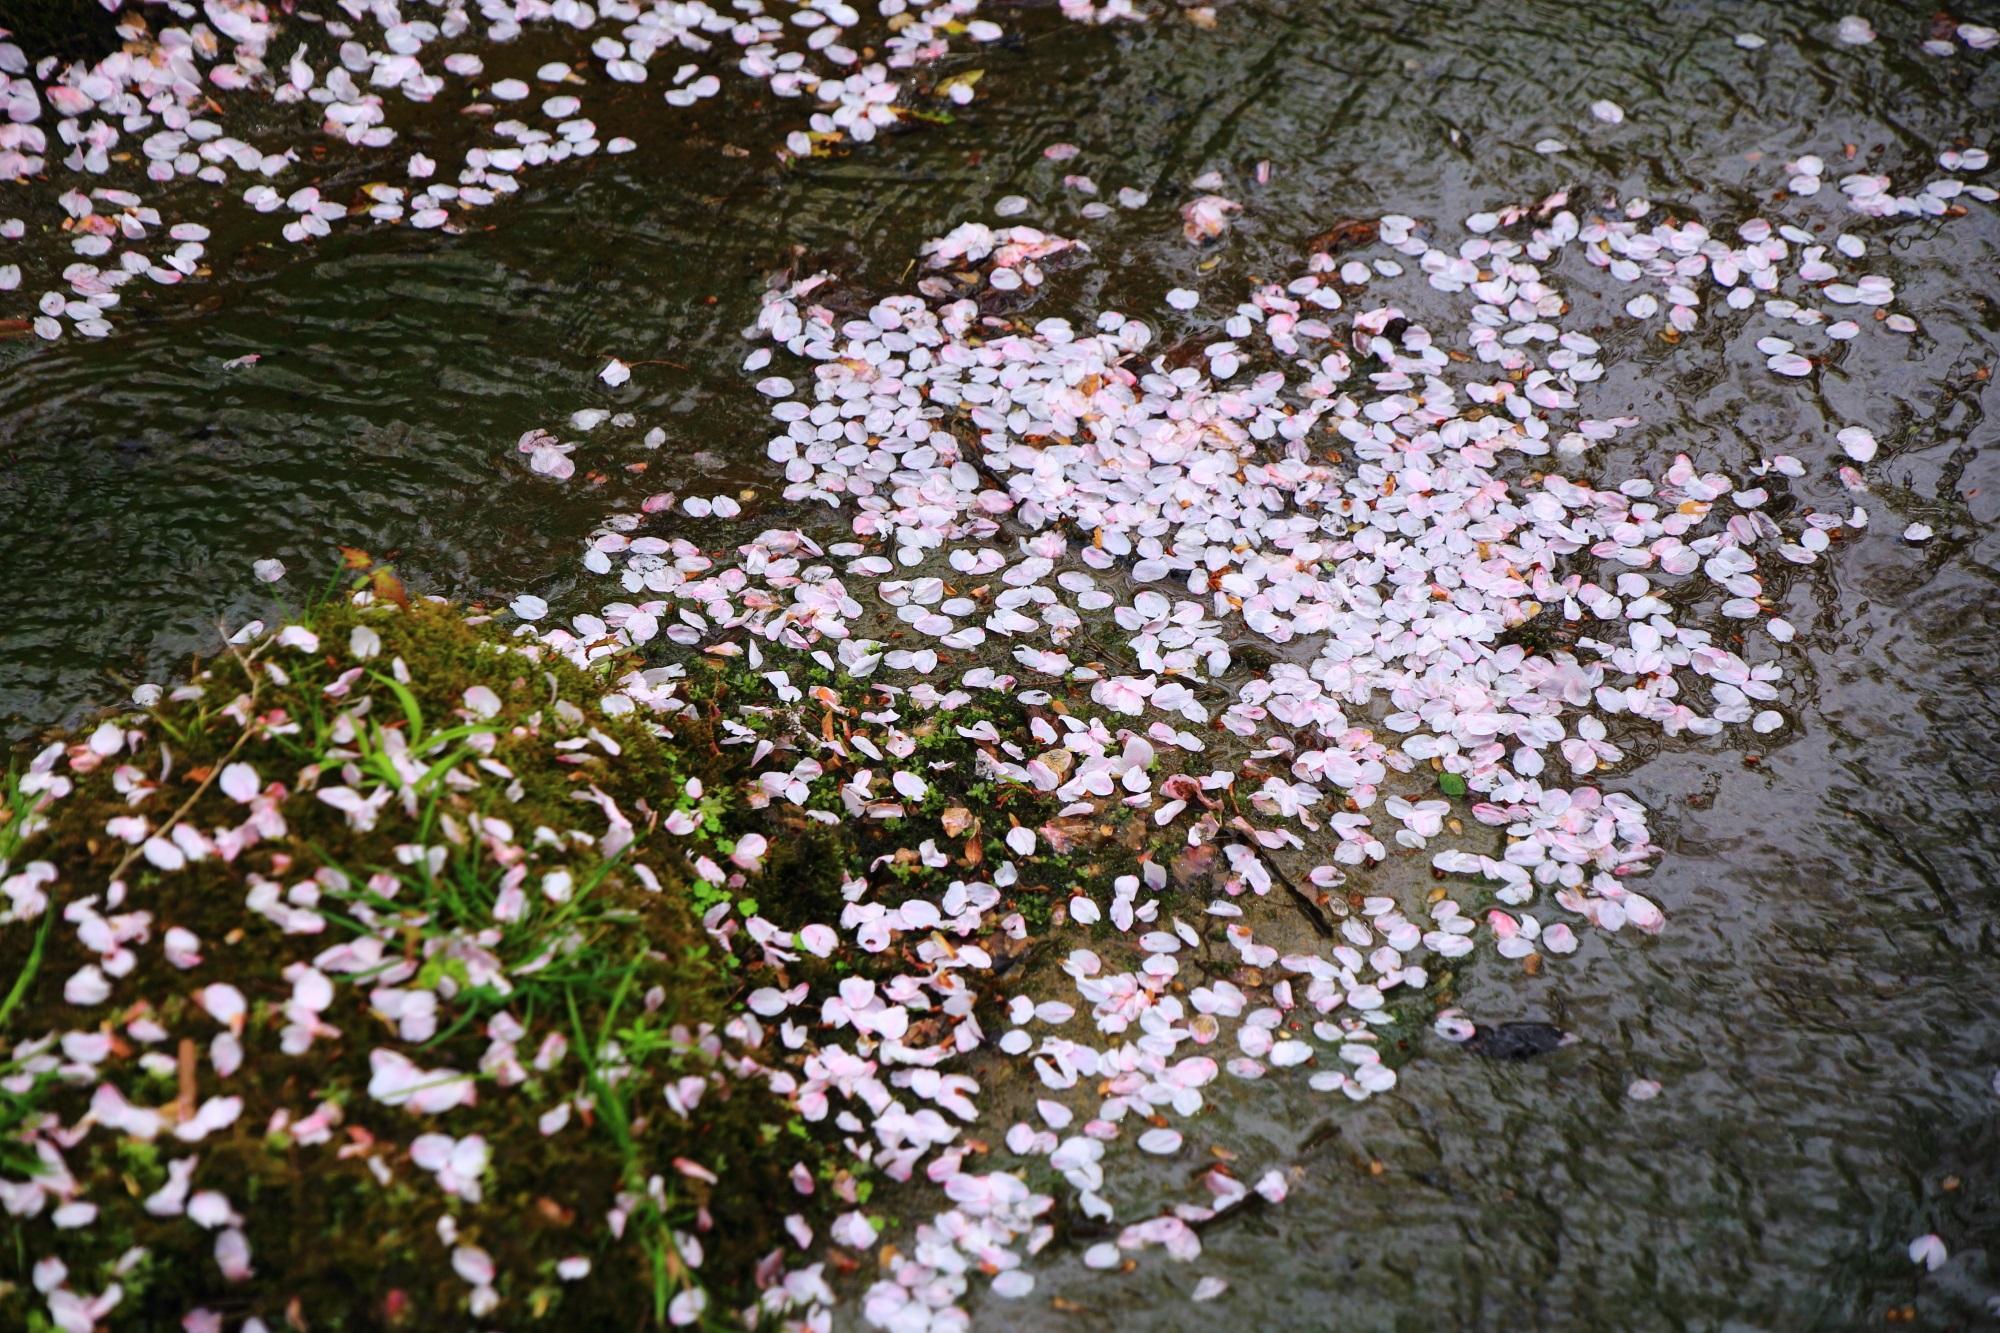 水面を彩る美しい桜の花びら